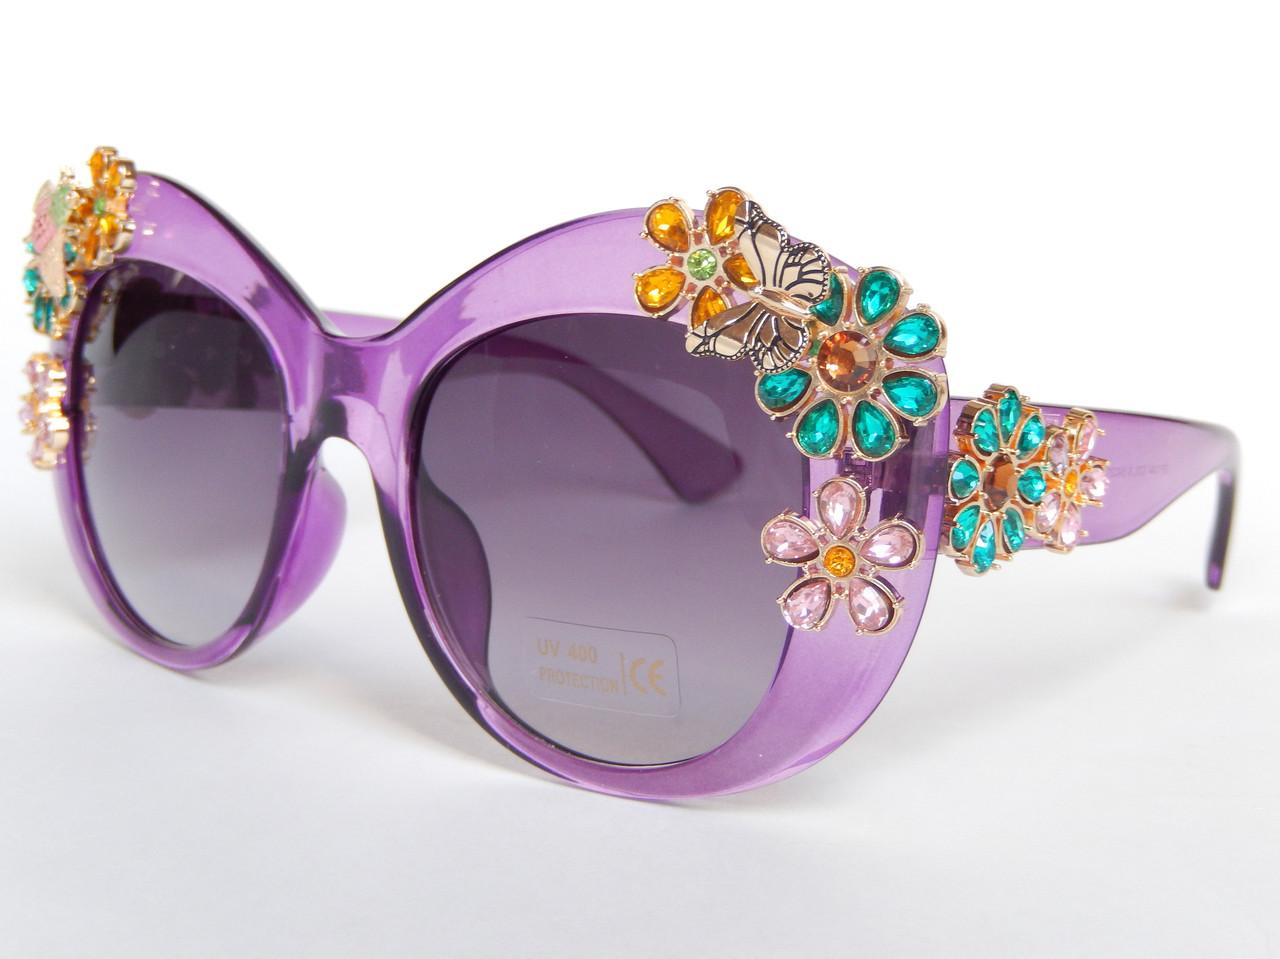 Очки с цветами из кристаллов в стиле D&G (коллекция ENCHANTED BEAUTIES) violet